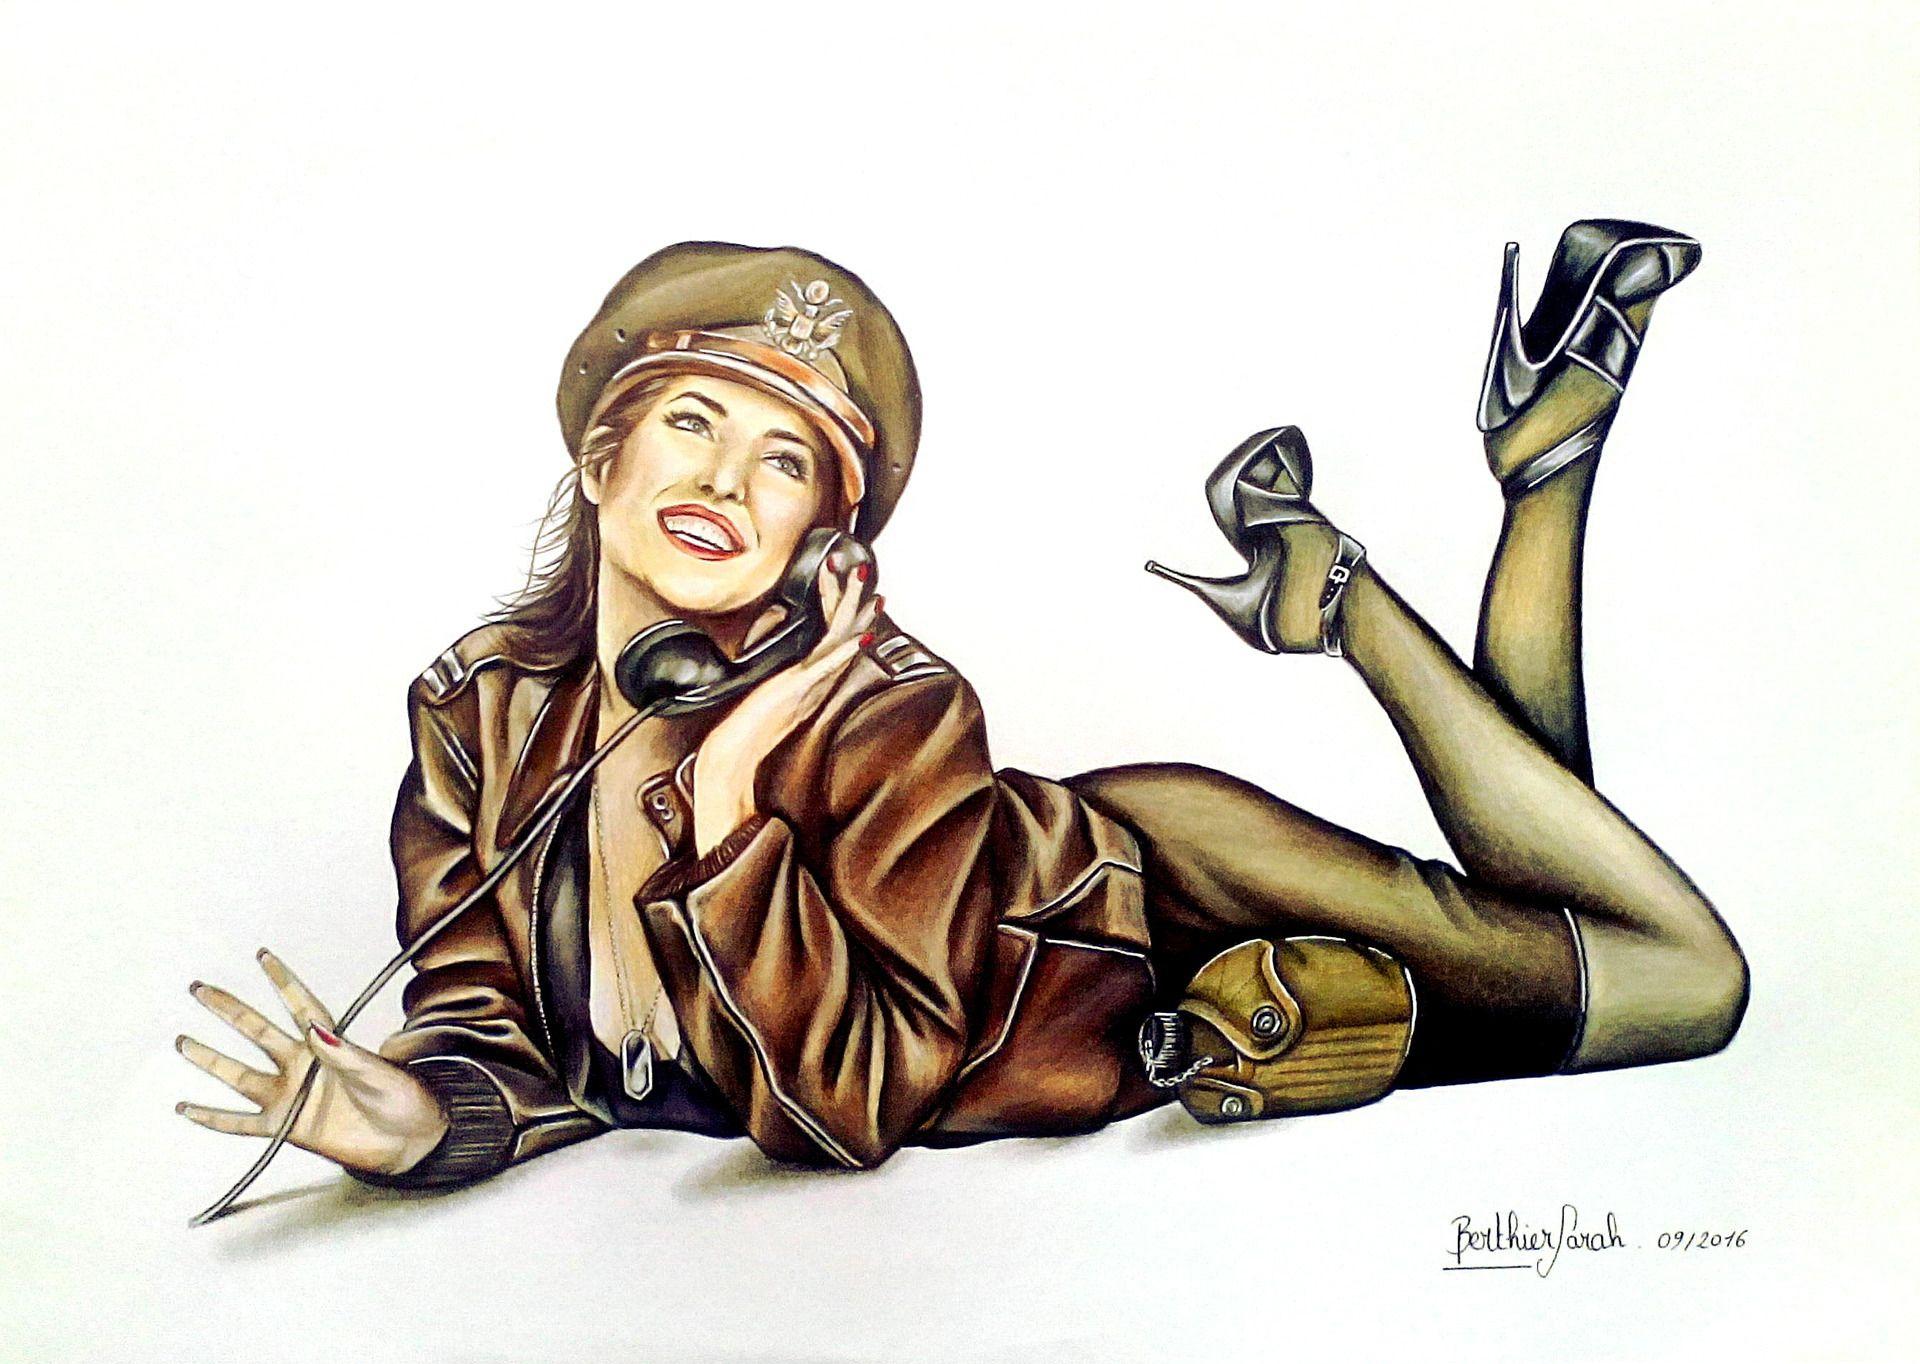 dessin r tro femme pin up sensuelle militaire vintage aux crayons de couleurs dessins par. Black Bedroom Furniture Sets. Home Design Ideas